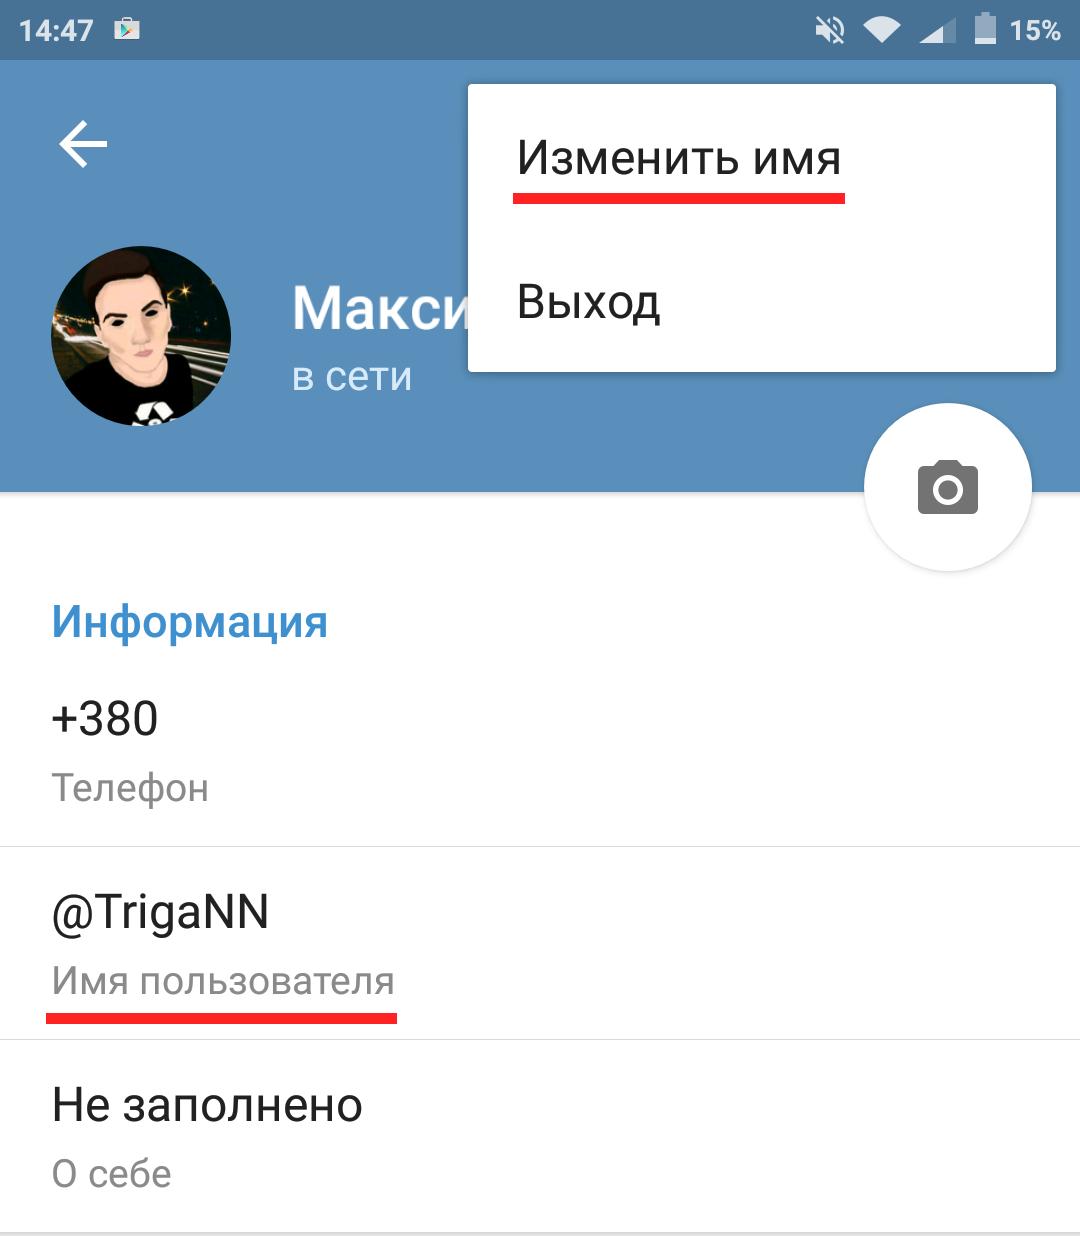 Ник в Телеграмм : получить, добавить, изменить имя в Telegram Узнать ID 95